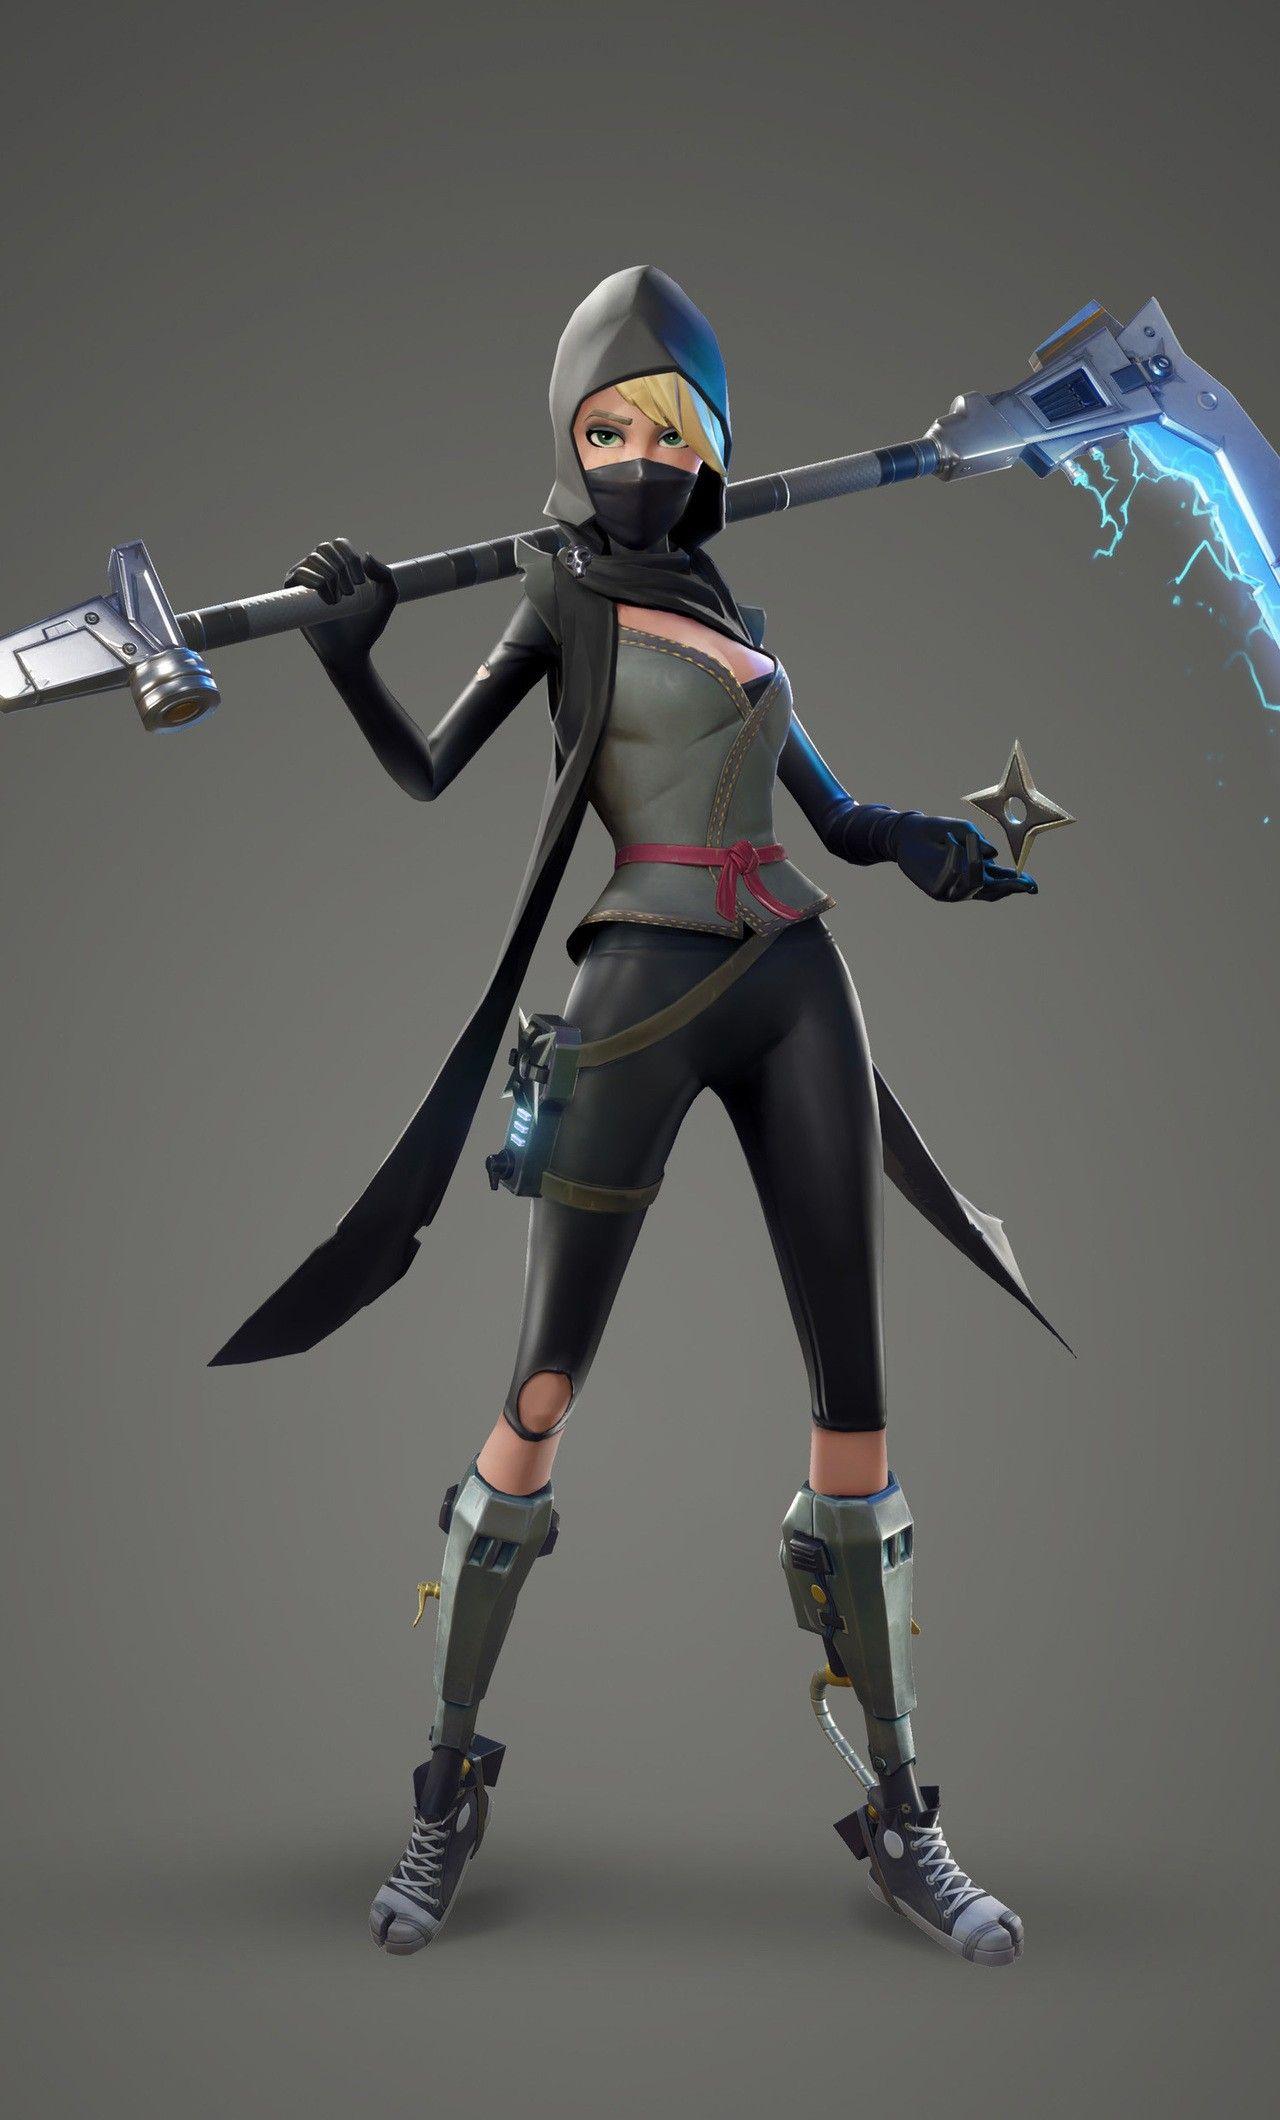 Fortnite Wallpaper Fortnite Female Ninja 6b 1280×2120